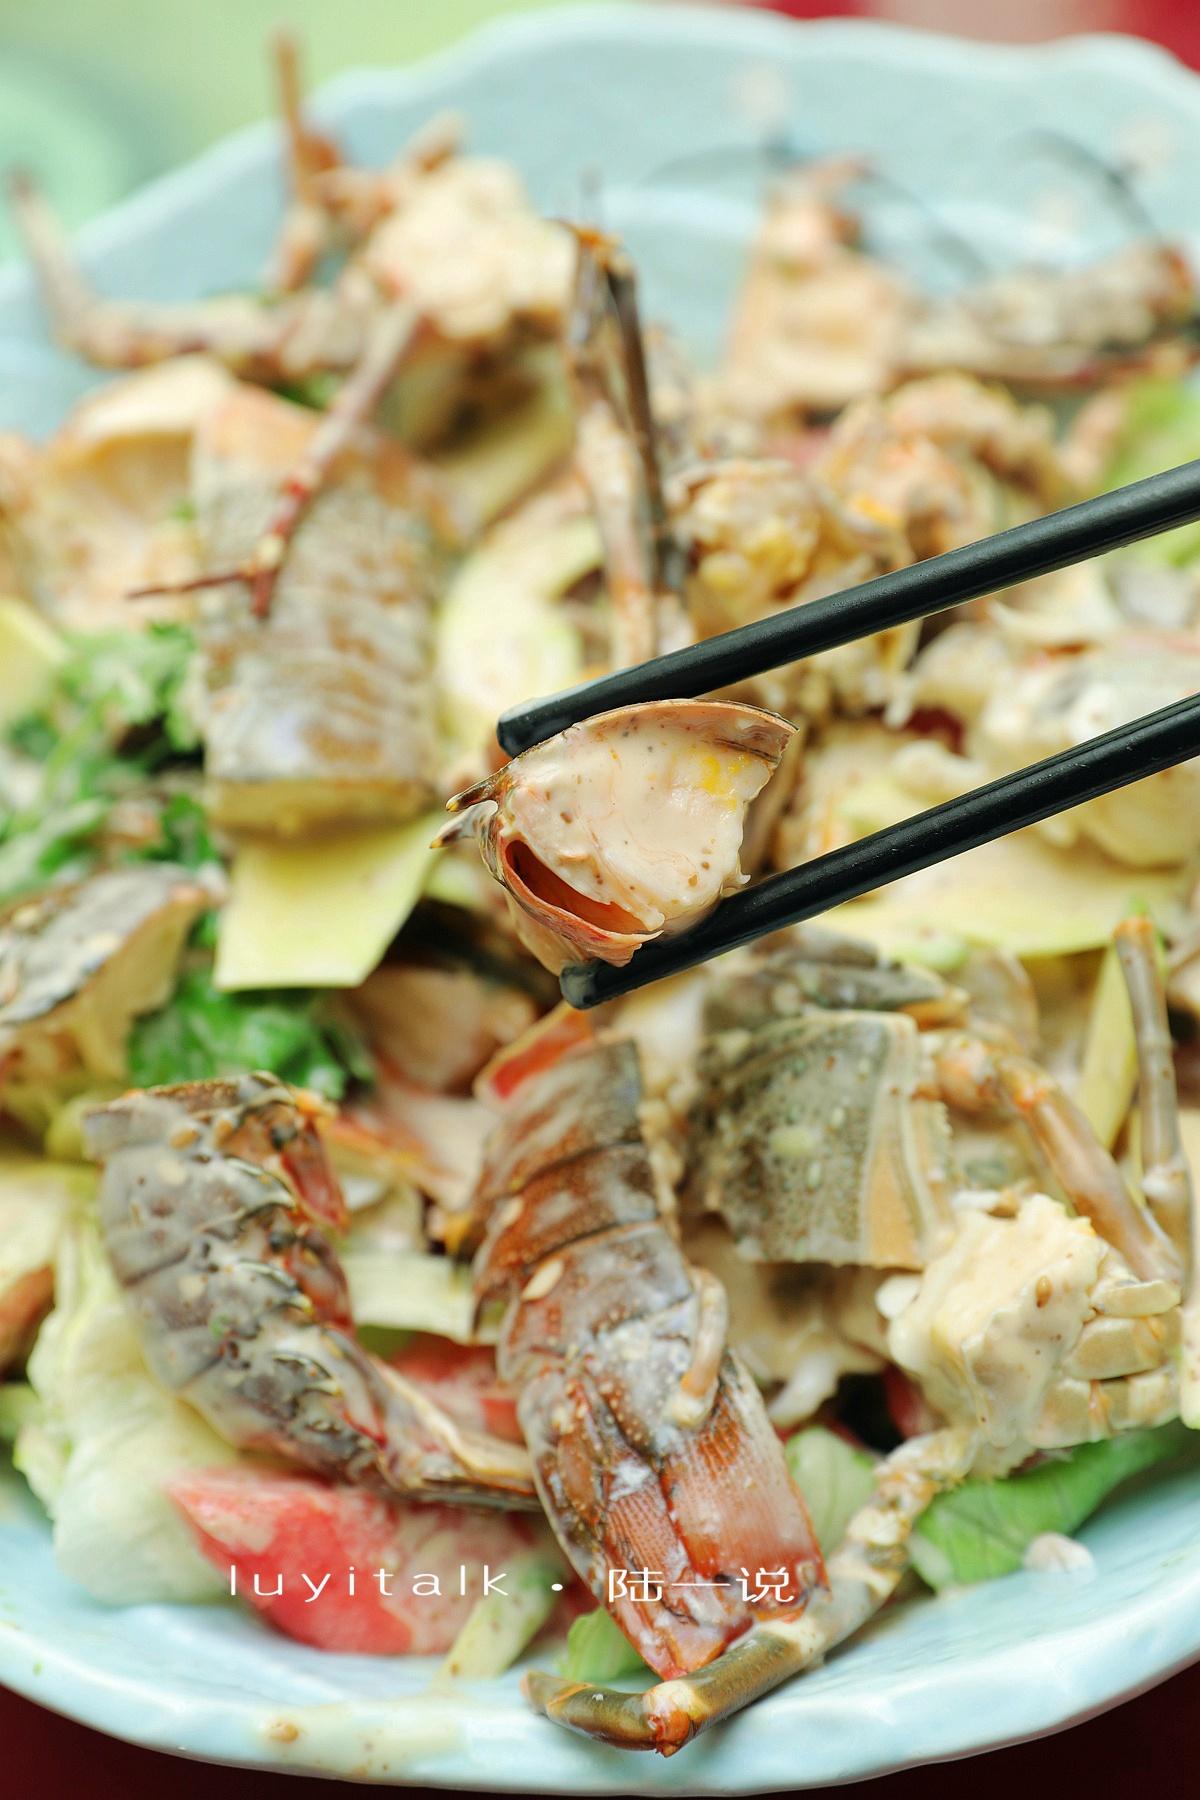 原创广东人说福建人吃海鲜肉嫩,但厦门本地人吃海鲜,都会点这一盘